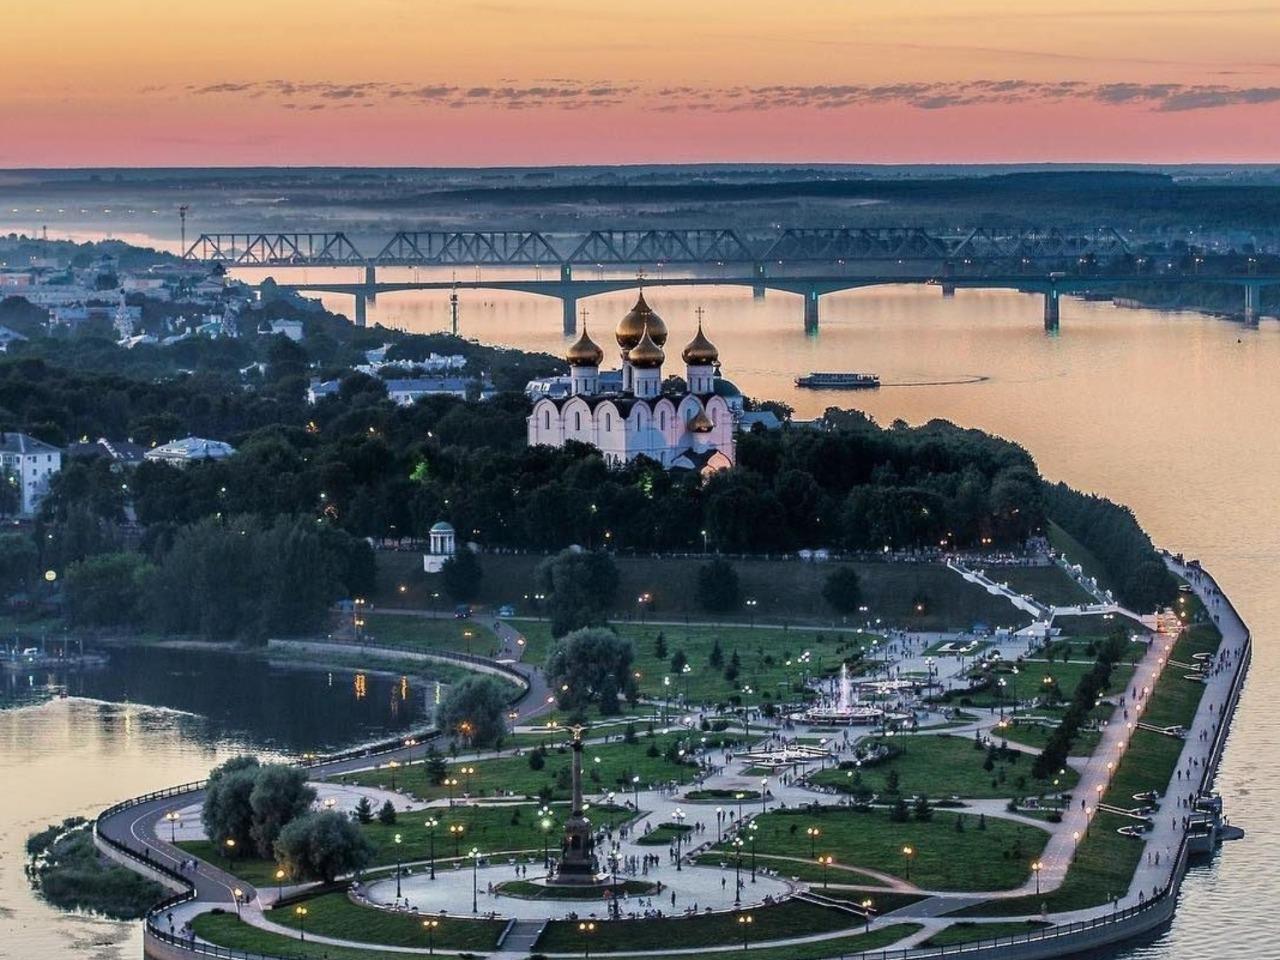 Древний Ярославль и Великий Ростов - индивидуальная экскурсия в Ярославле от опытного гида